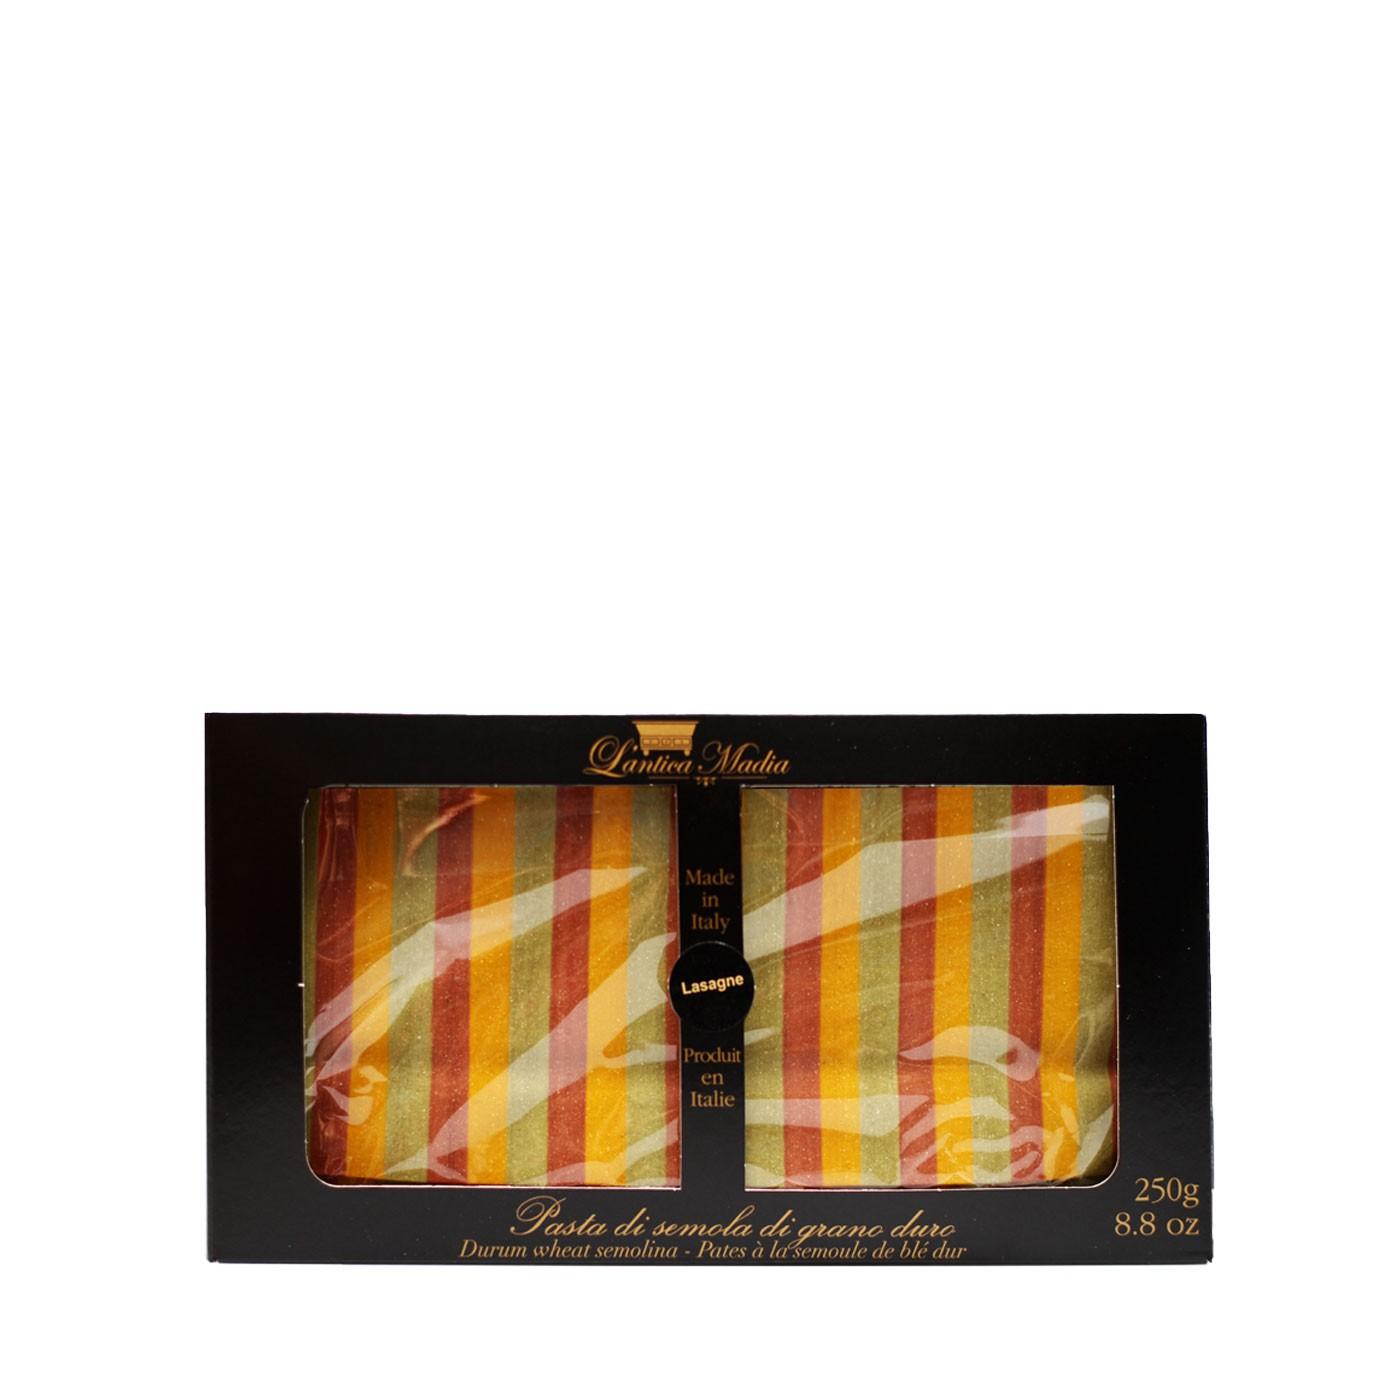 Multicolored Lasagne 8.8 oz - Antica Madia